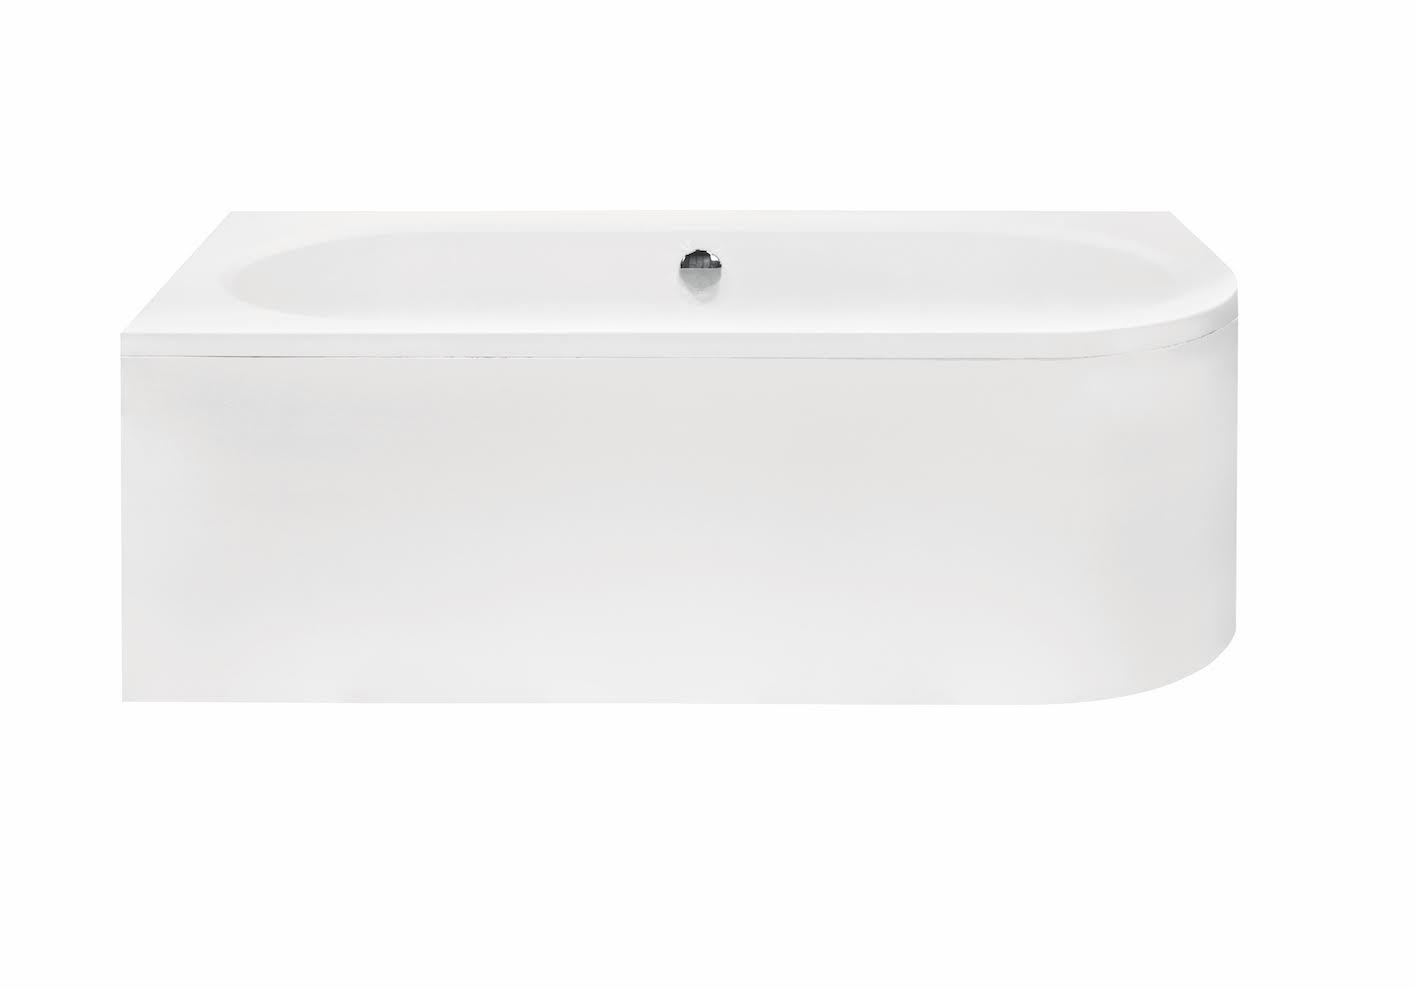 Вид на акриловую ванну Besco спереди.